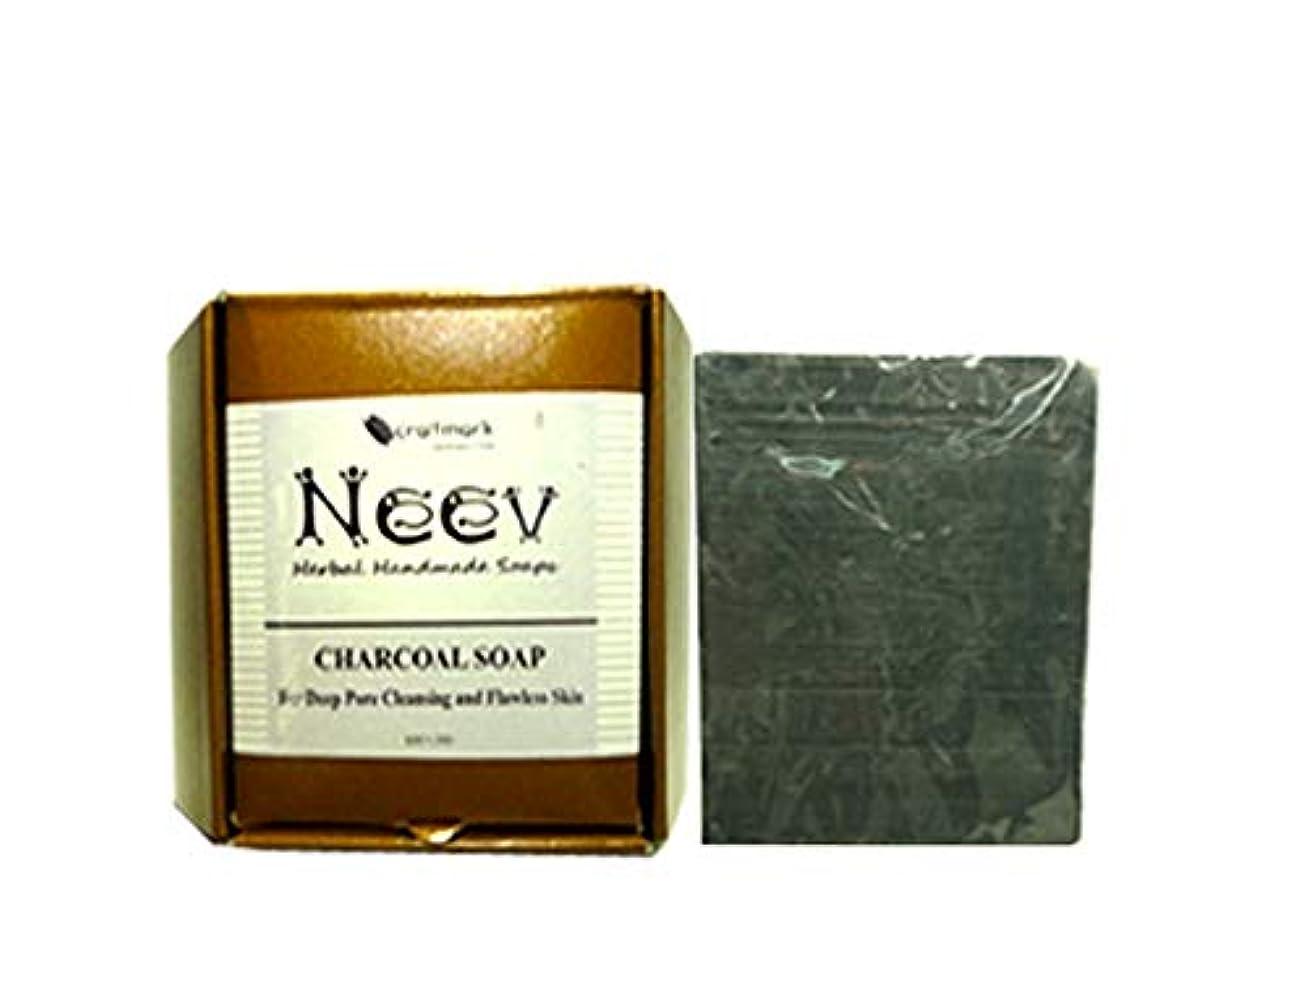 もし費用スポーツをする手作り アーユルヴェーダ ニーブ チャコール ソープ(炭石鹸)100g NEEV CHARCOAL SOAP